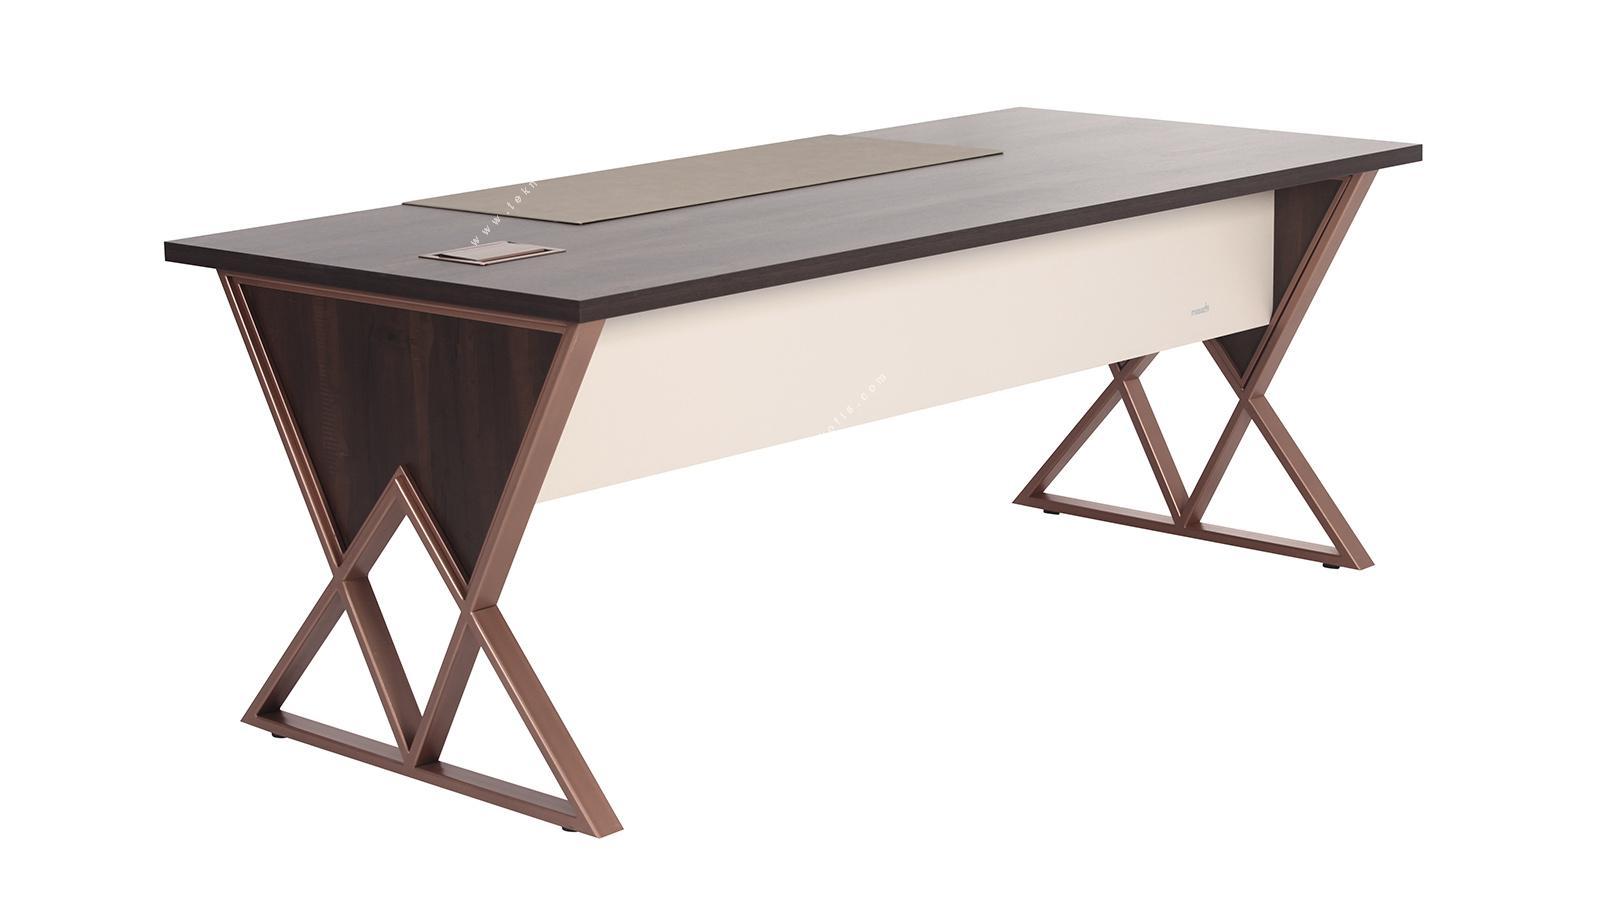 ashen özel tasarım makam masası 200cm